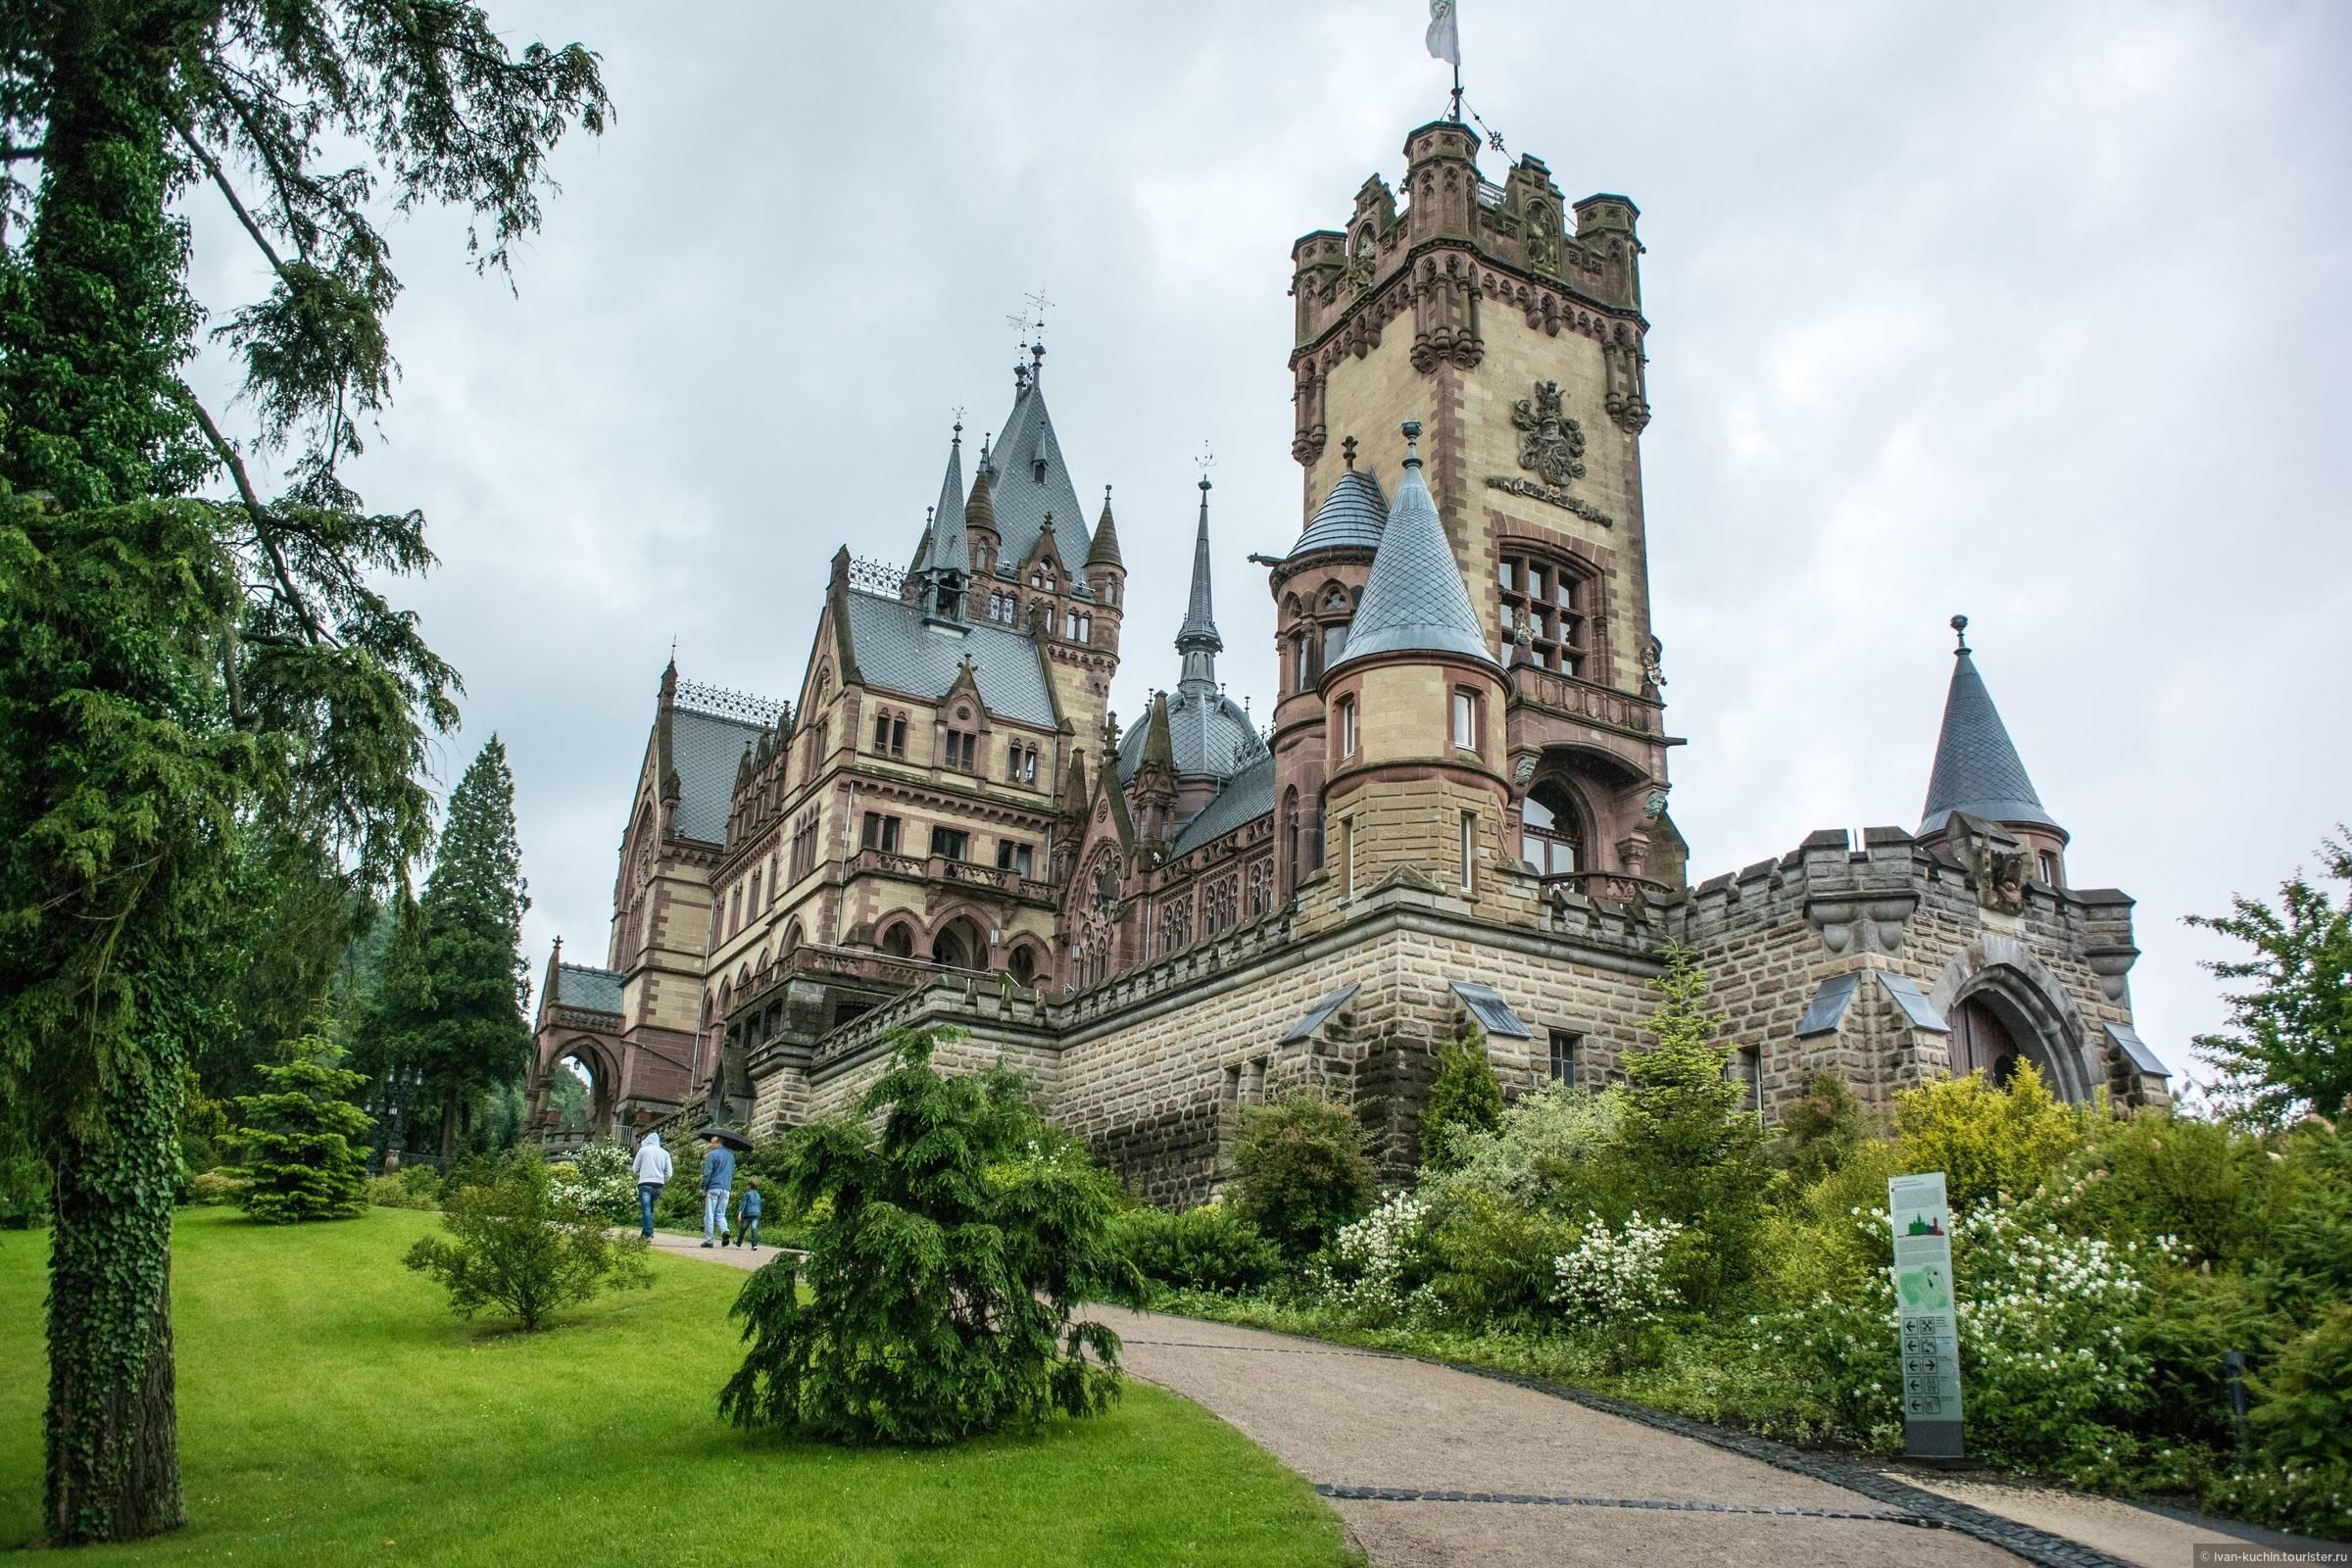 Замок драхенбург (schloss drachenburg) описание и фото - германия: северный рейн-вестфалия